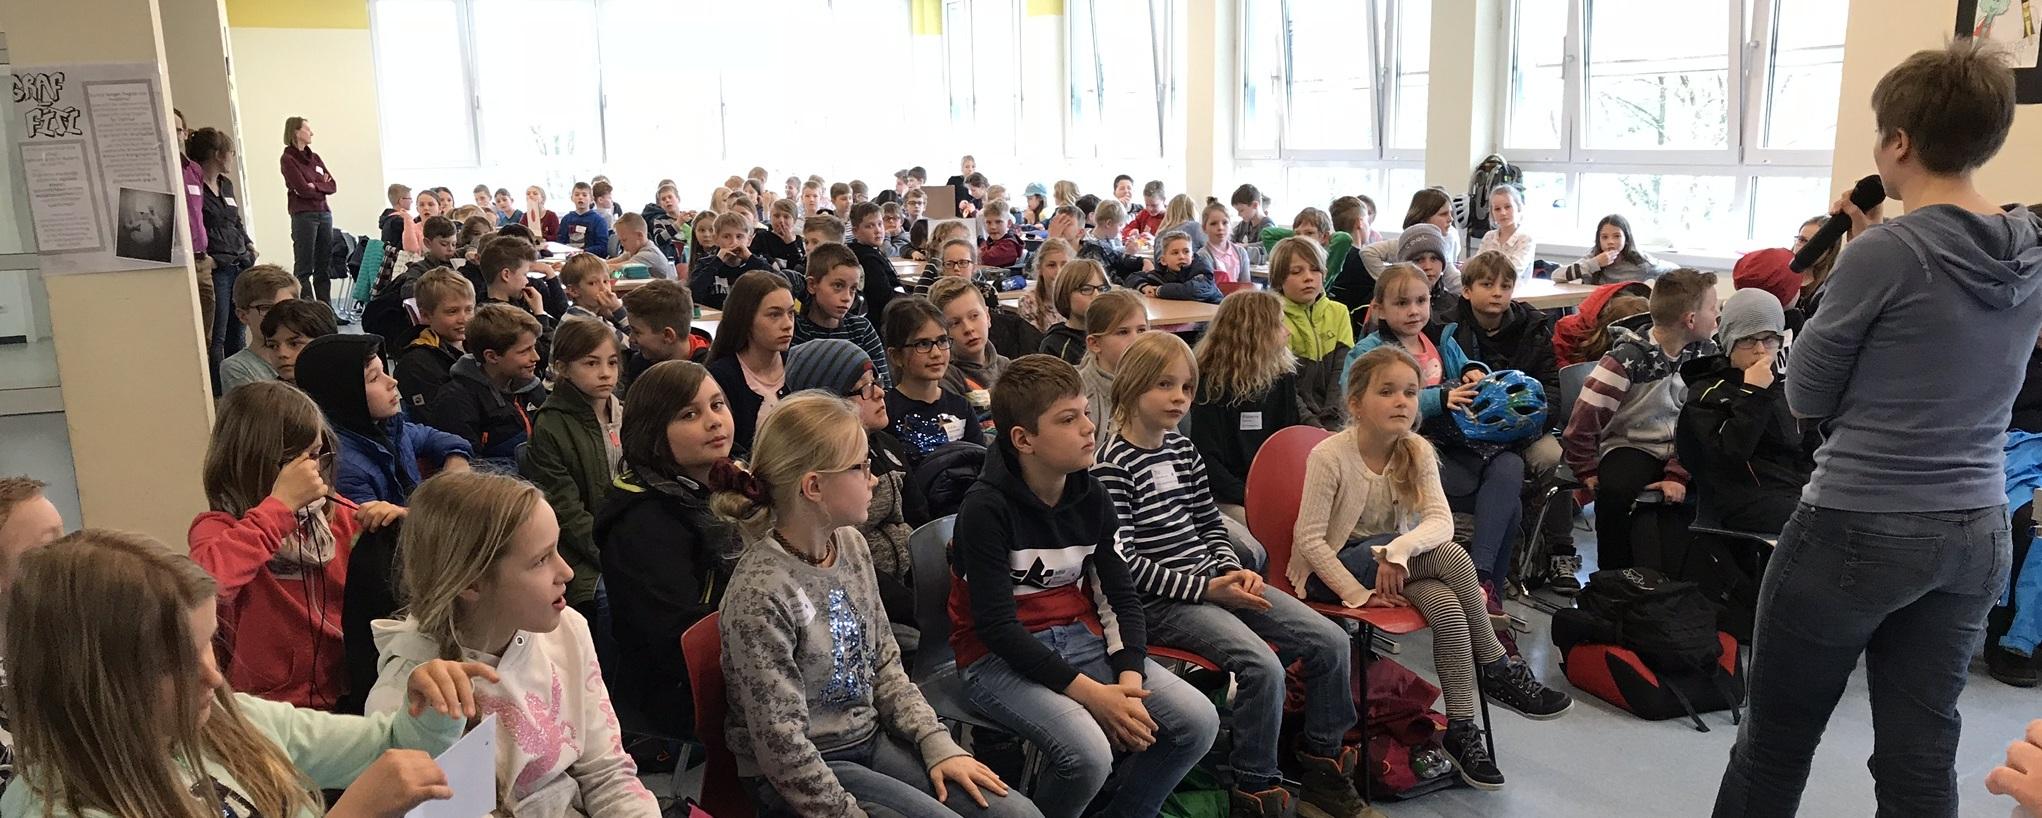 Zum dritten Mal seit 2013: Mathetraining für Jahrgang 4+5 an der GAG